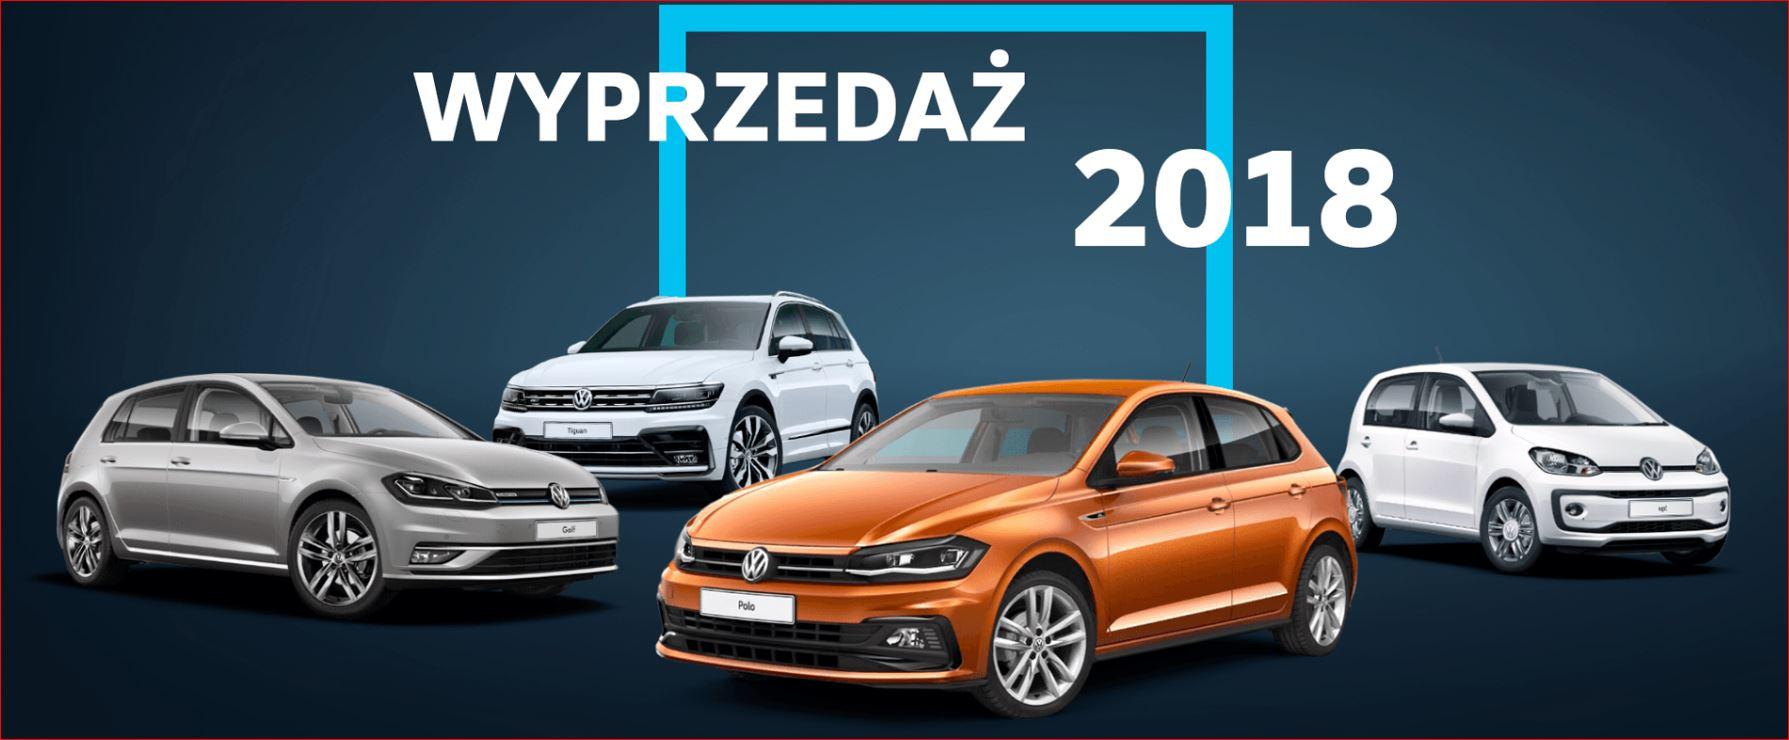 Volkswagen ogłasza wyprzedaż modeli z rocznika 2018 4